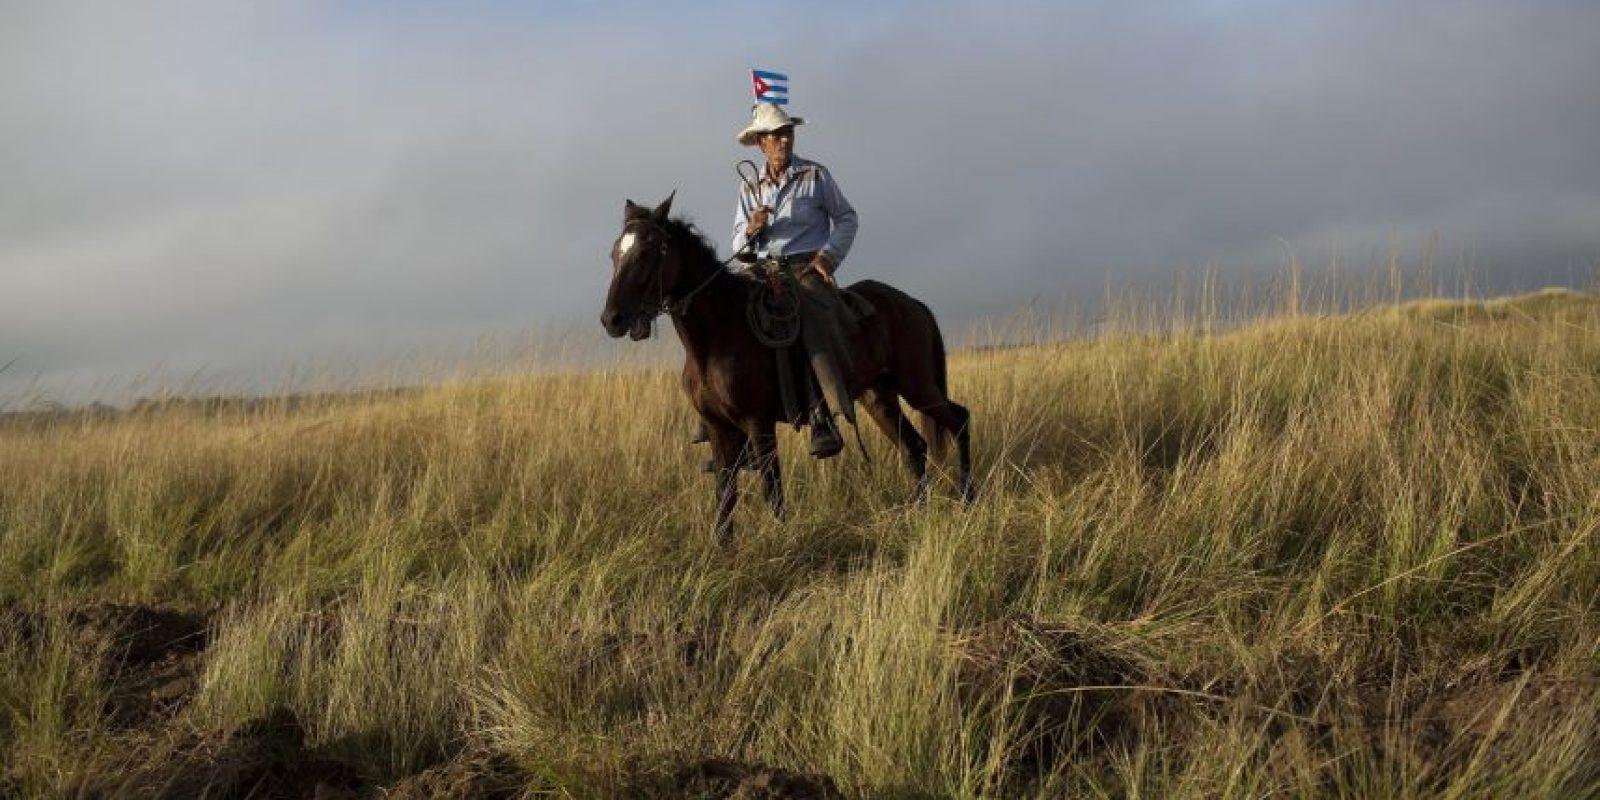 En esta foto del 2 de diciembre de 2016, un hombre aguarda sobre su caballo el paso de la caravana con las cenizas del líder Fidel Castro en Las Tunas, Cuba. En los caminos solitarios del oriente de Cuba, la gente esperó por horas para saludar la urna con los restos del expresidente cubano. Foto:Rodrigo Abd / AP Foto